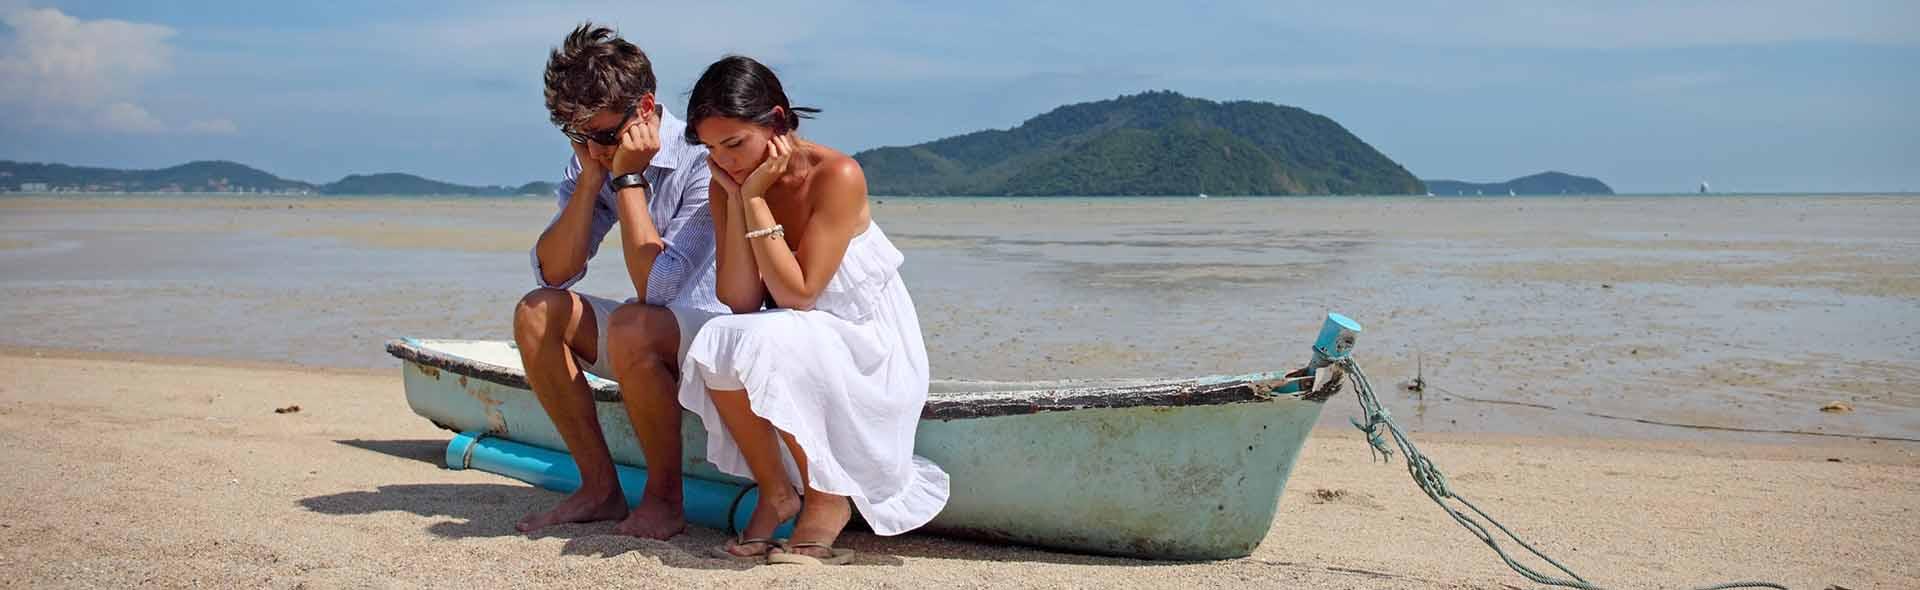 Ruptura de pareja tras las vacaciones - De Salud Psicólogos